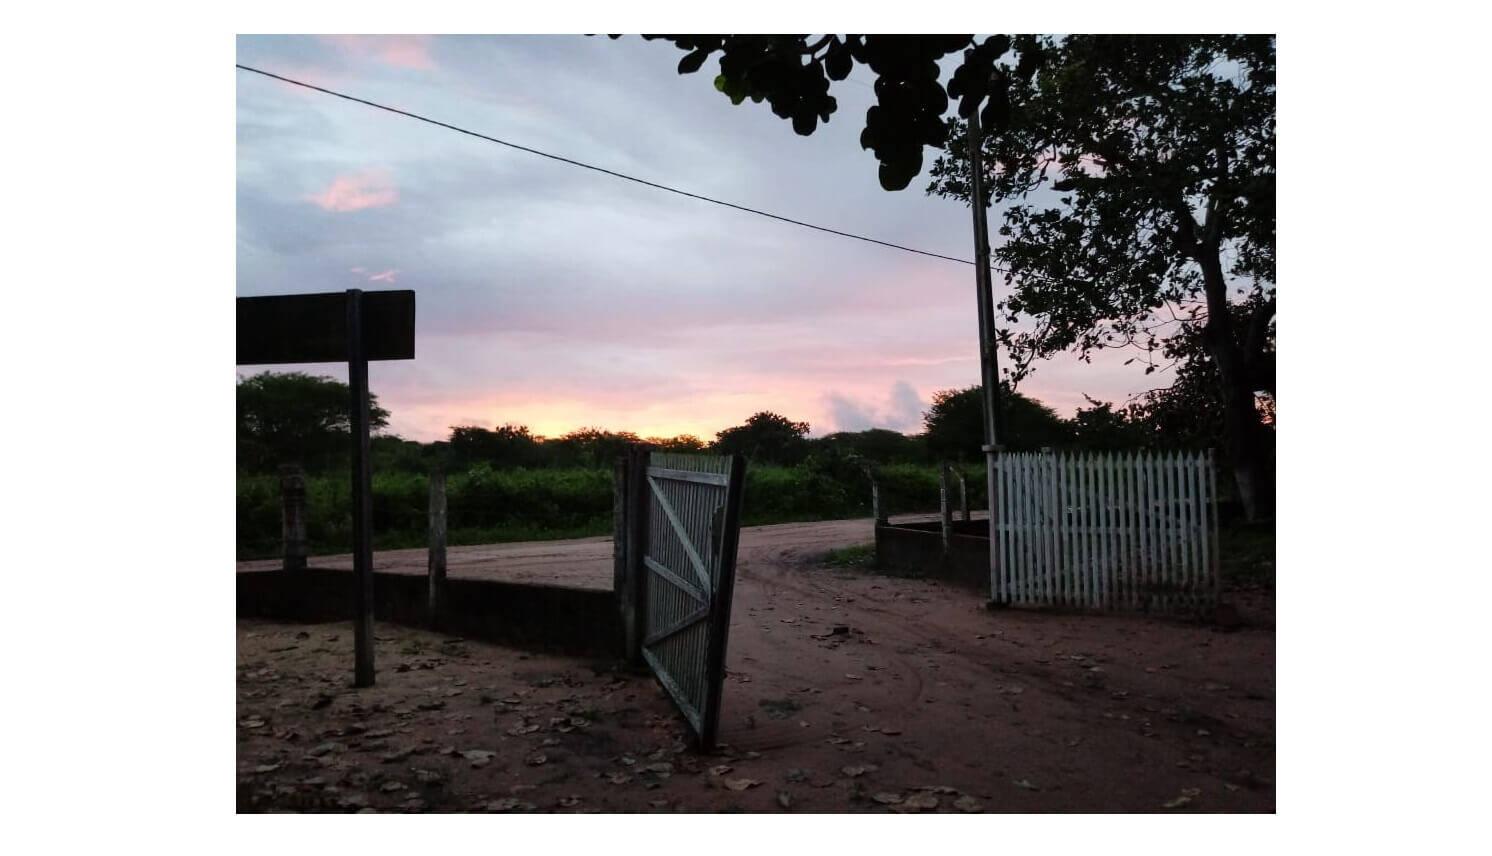 As porteiras estão abertas, mas não é possível sair, por Giselle da Cunha Batista. Foto: Giselle da Cunha Batista